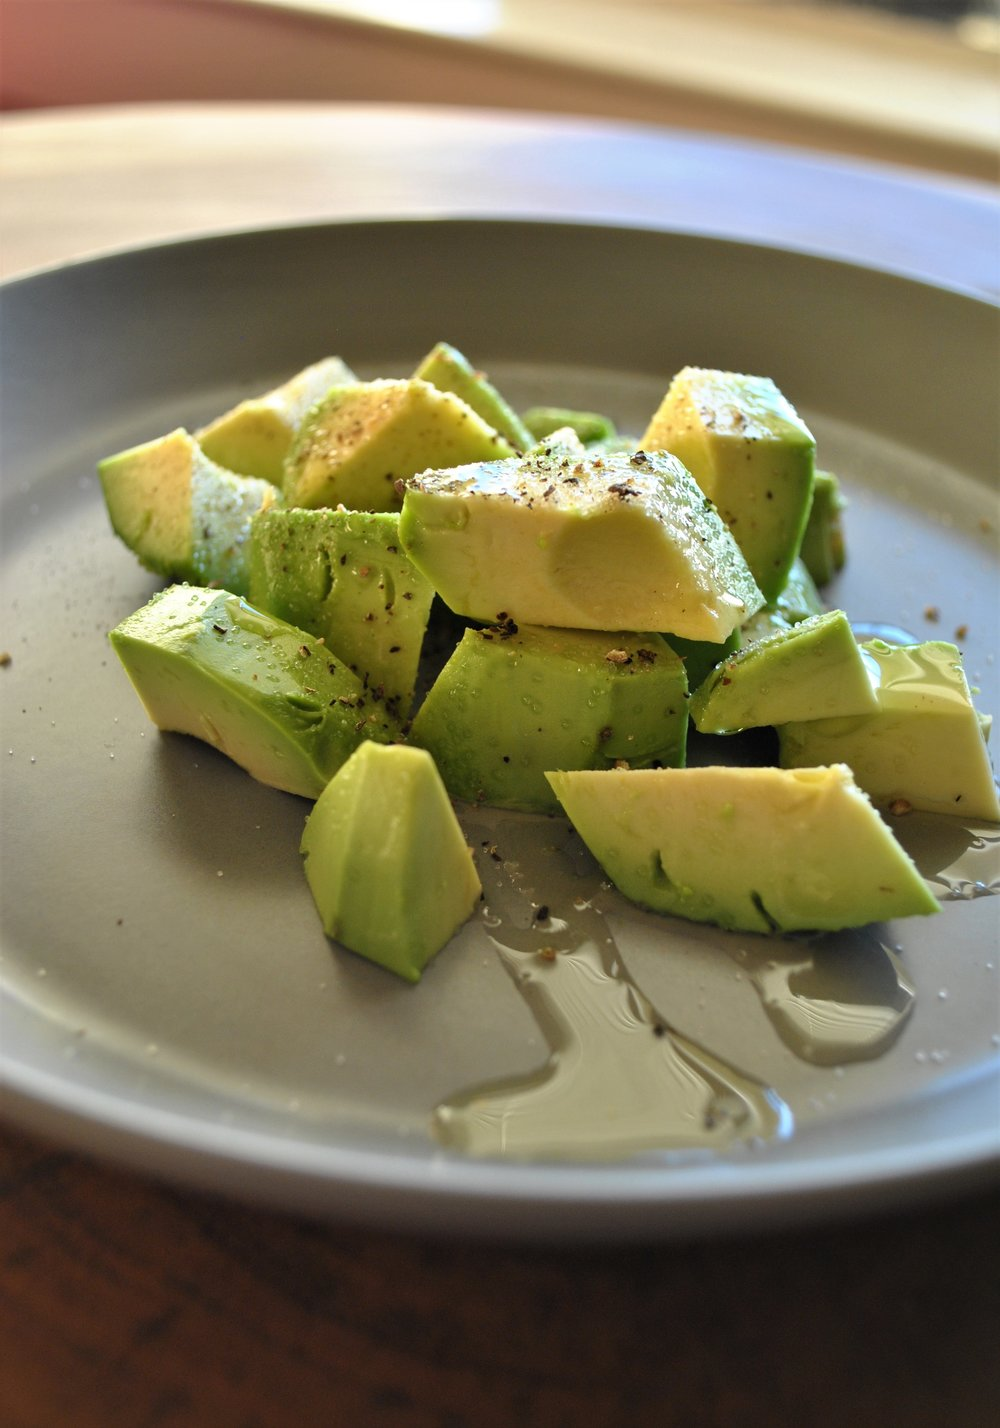 easy vegan snack sliced avocado.jpg